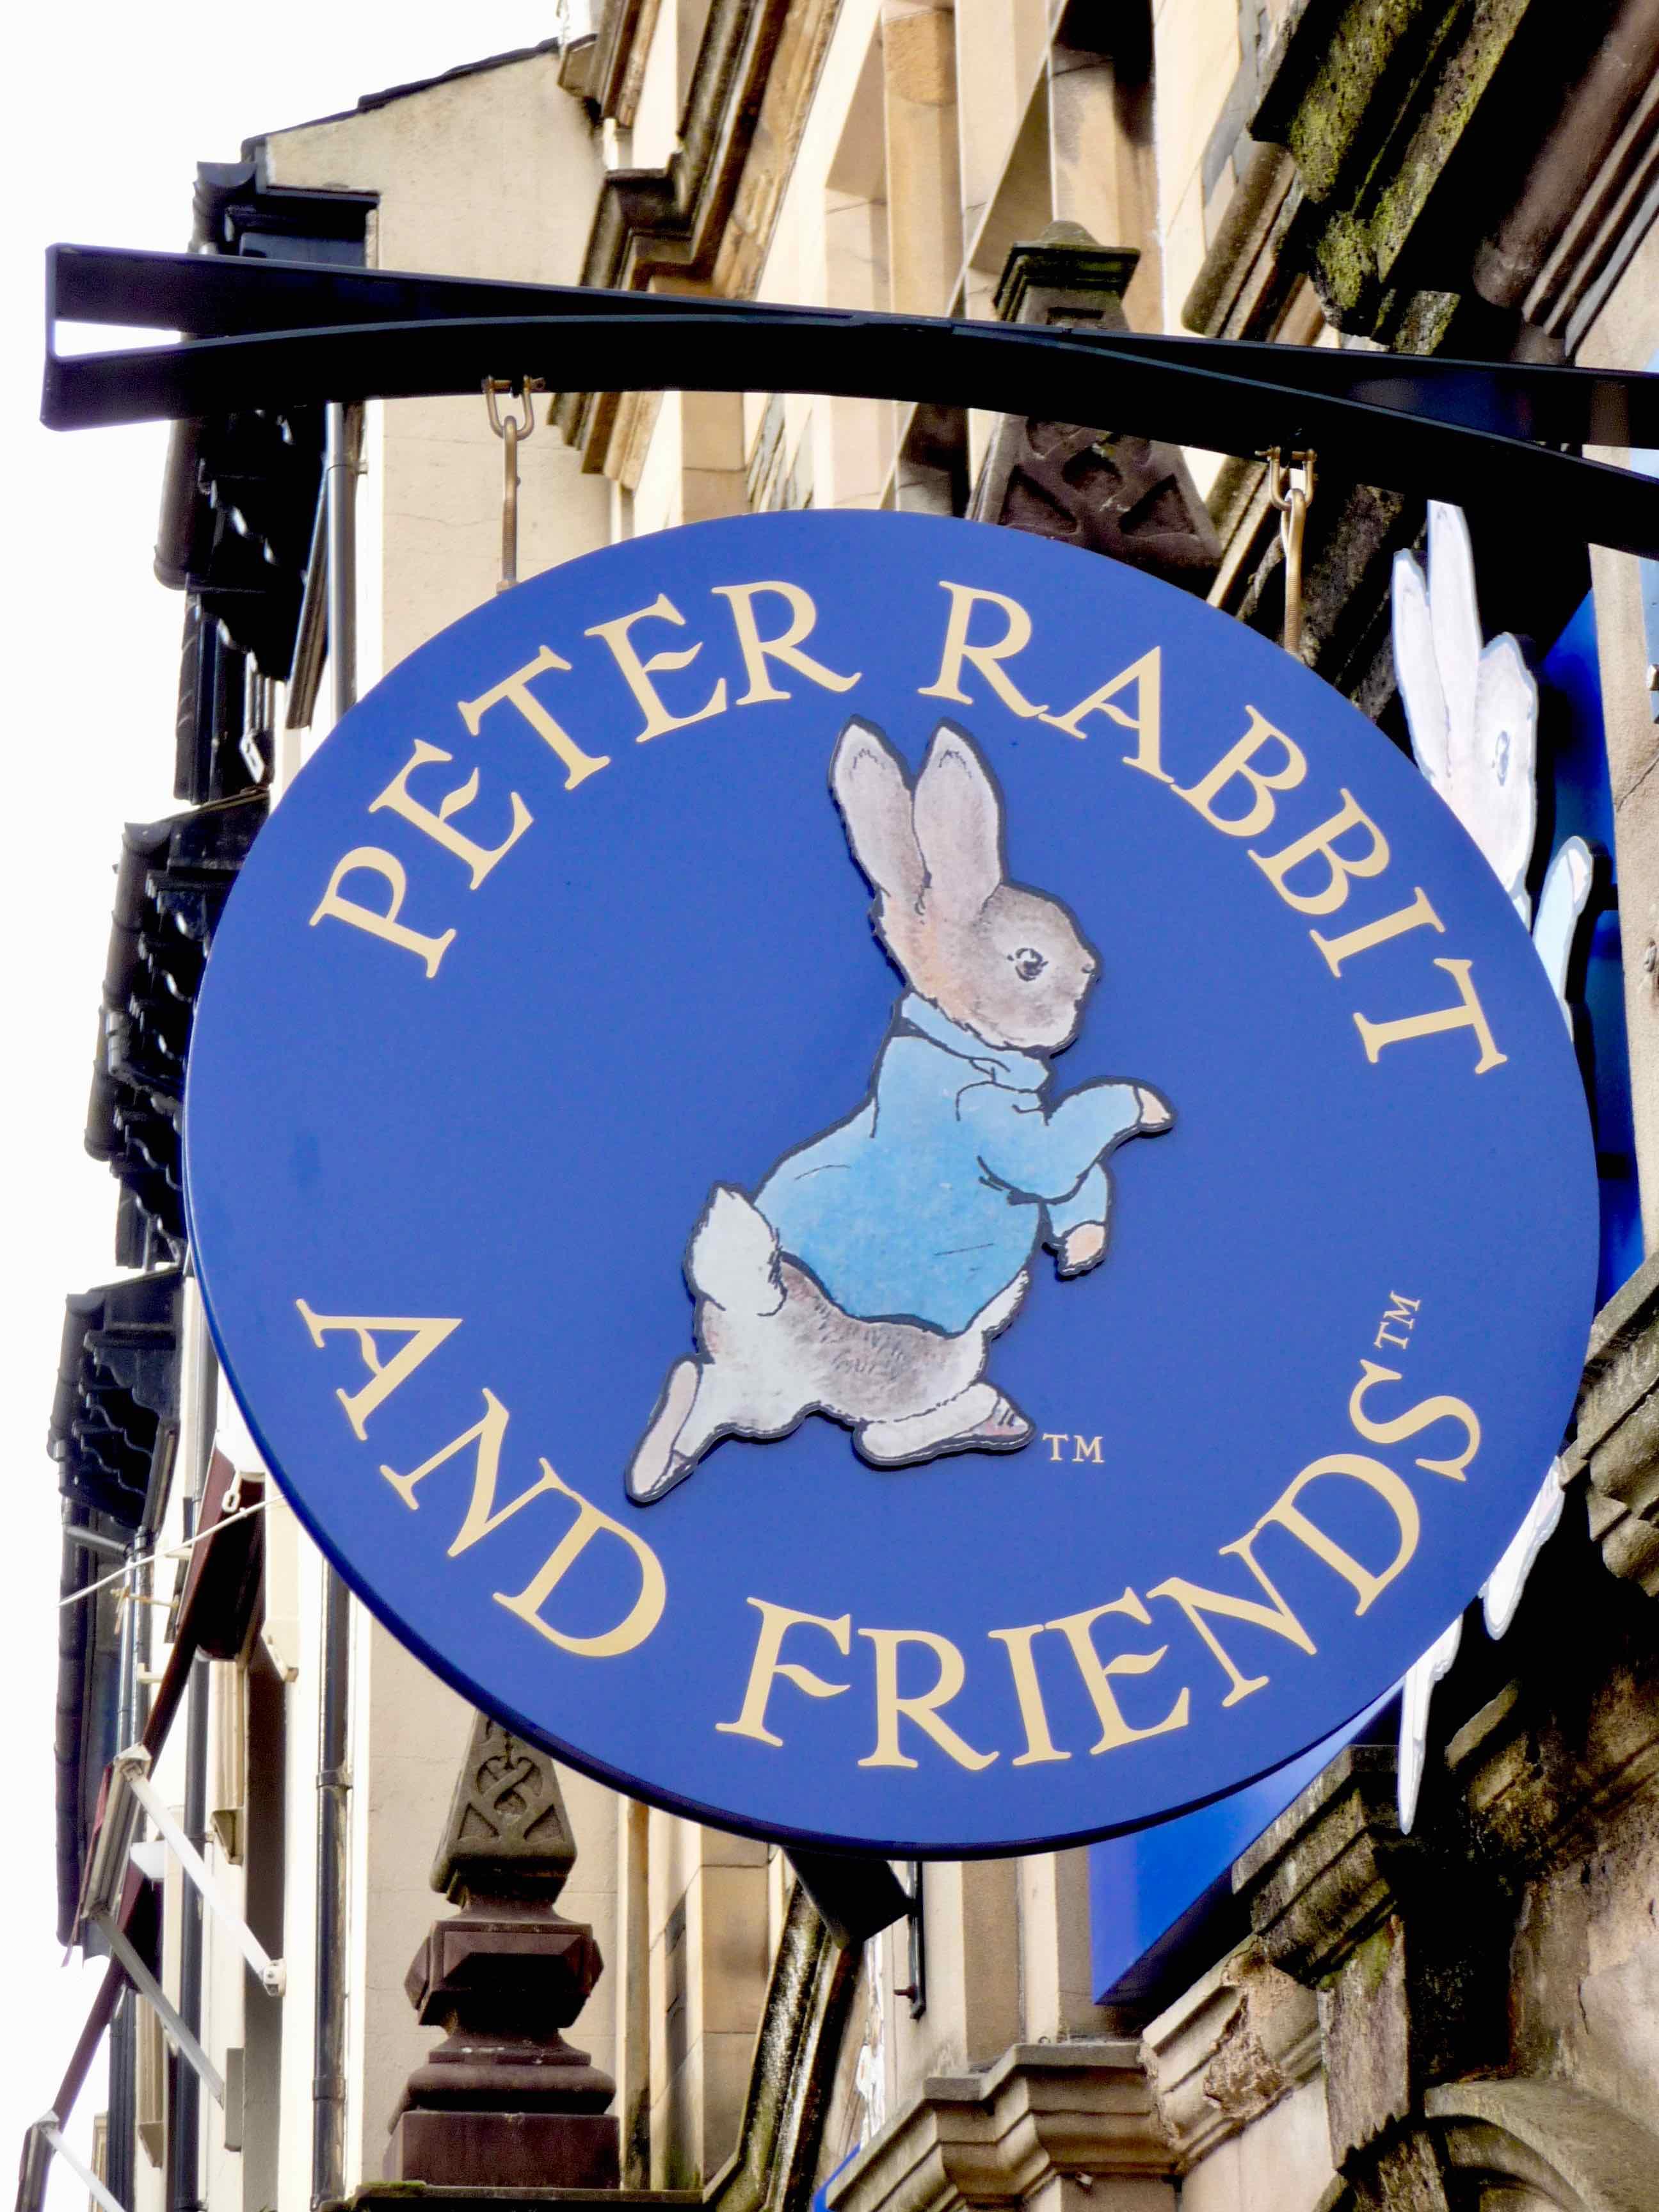 Peter Rabbit shop in Windemere, UK